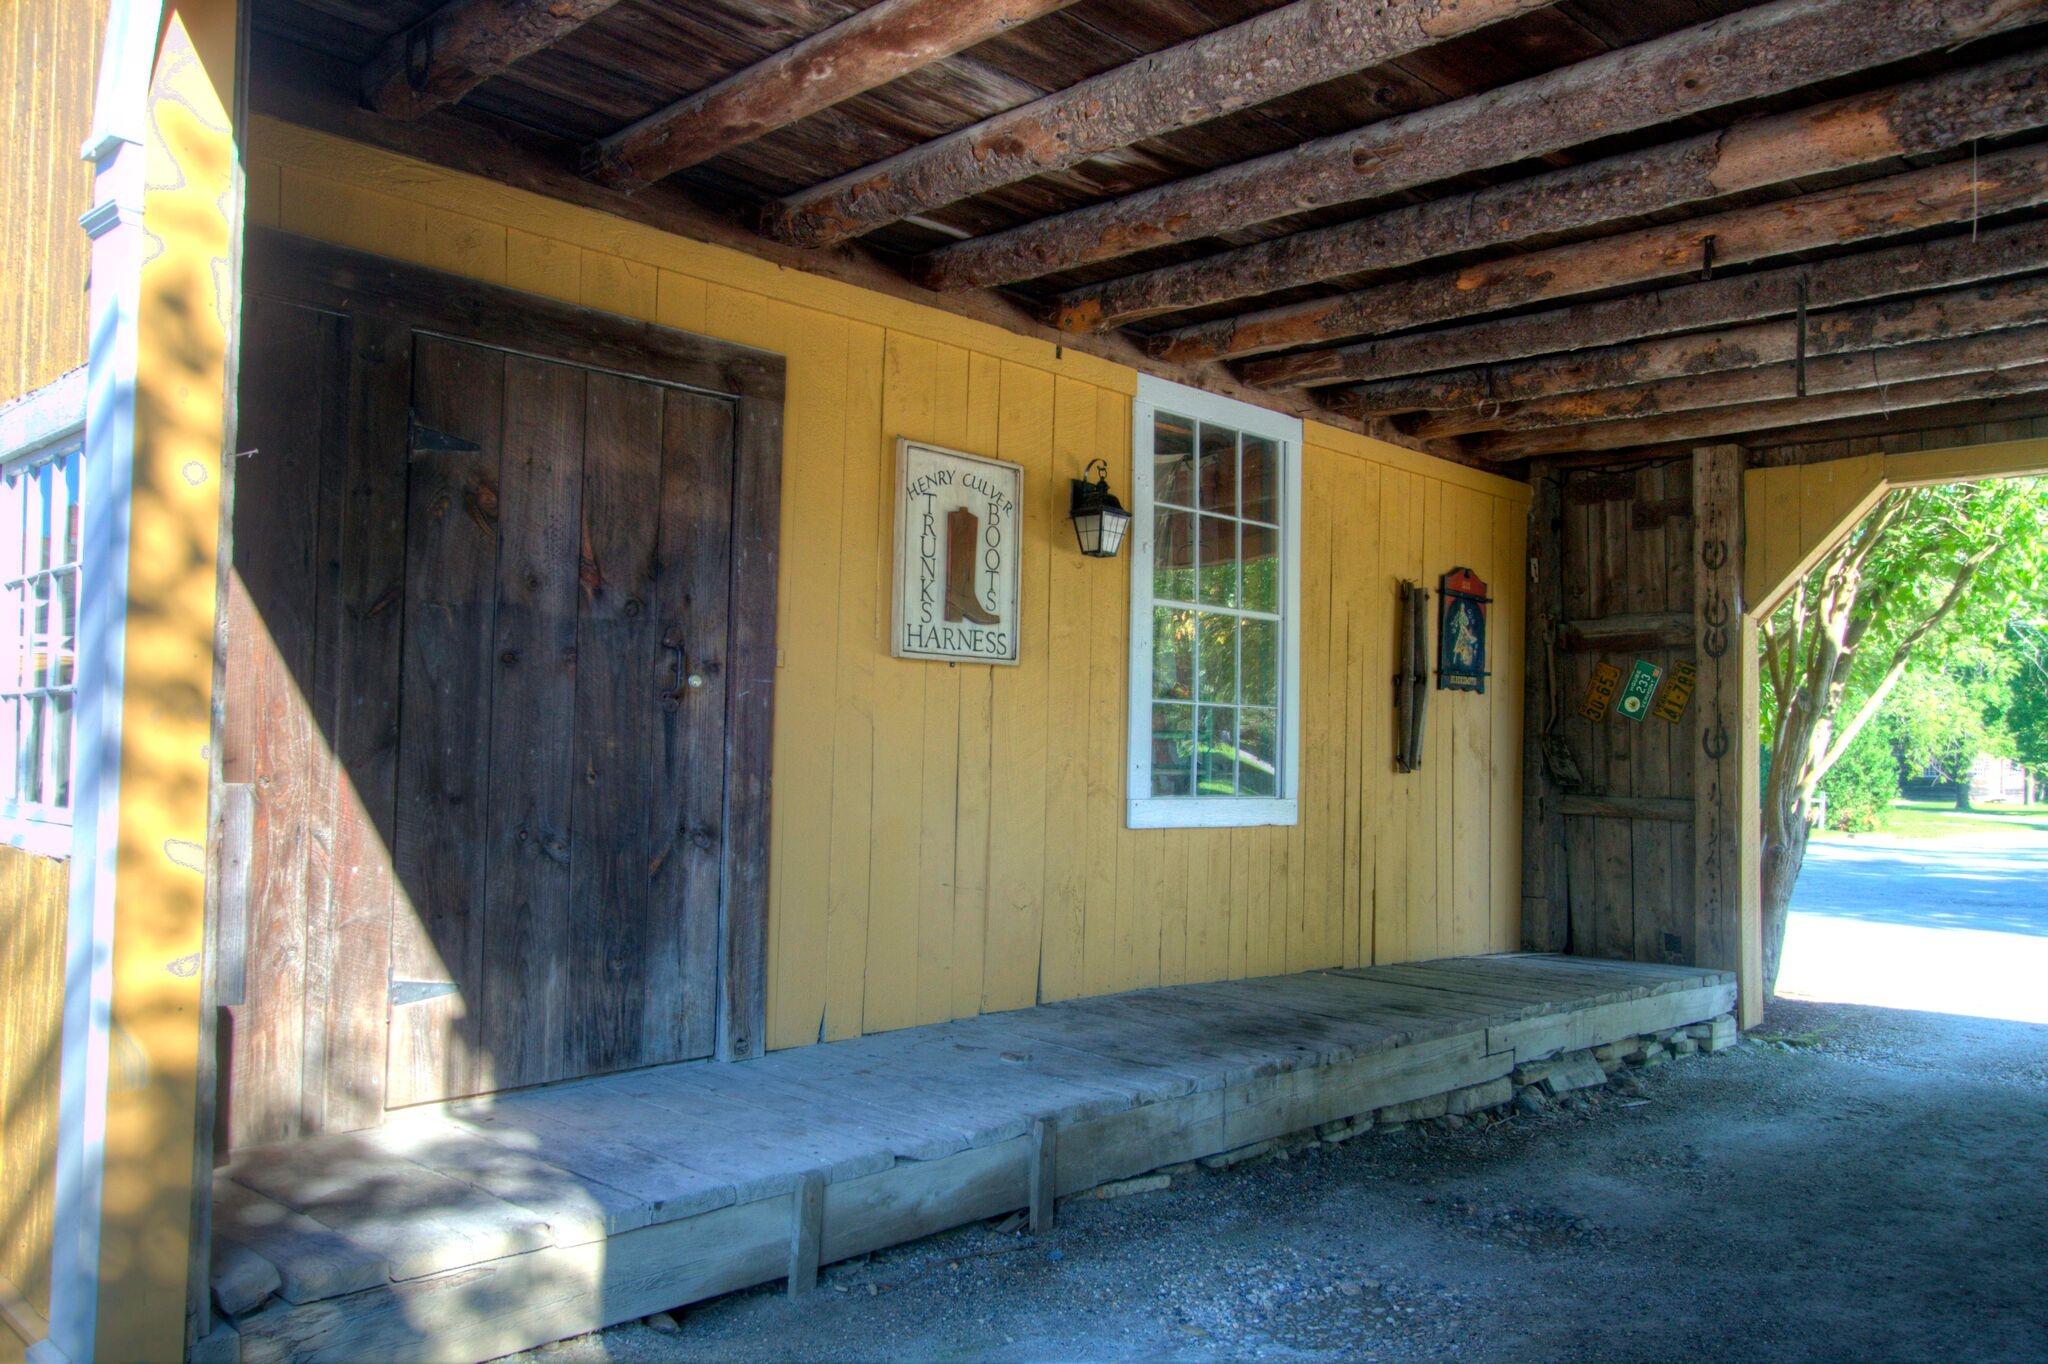 barn window shop side photo.jpg